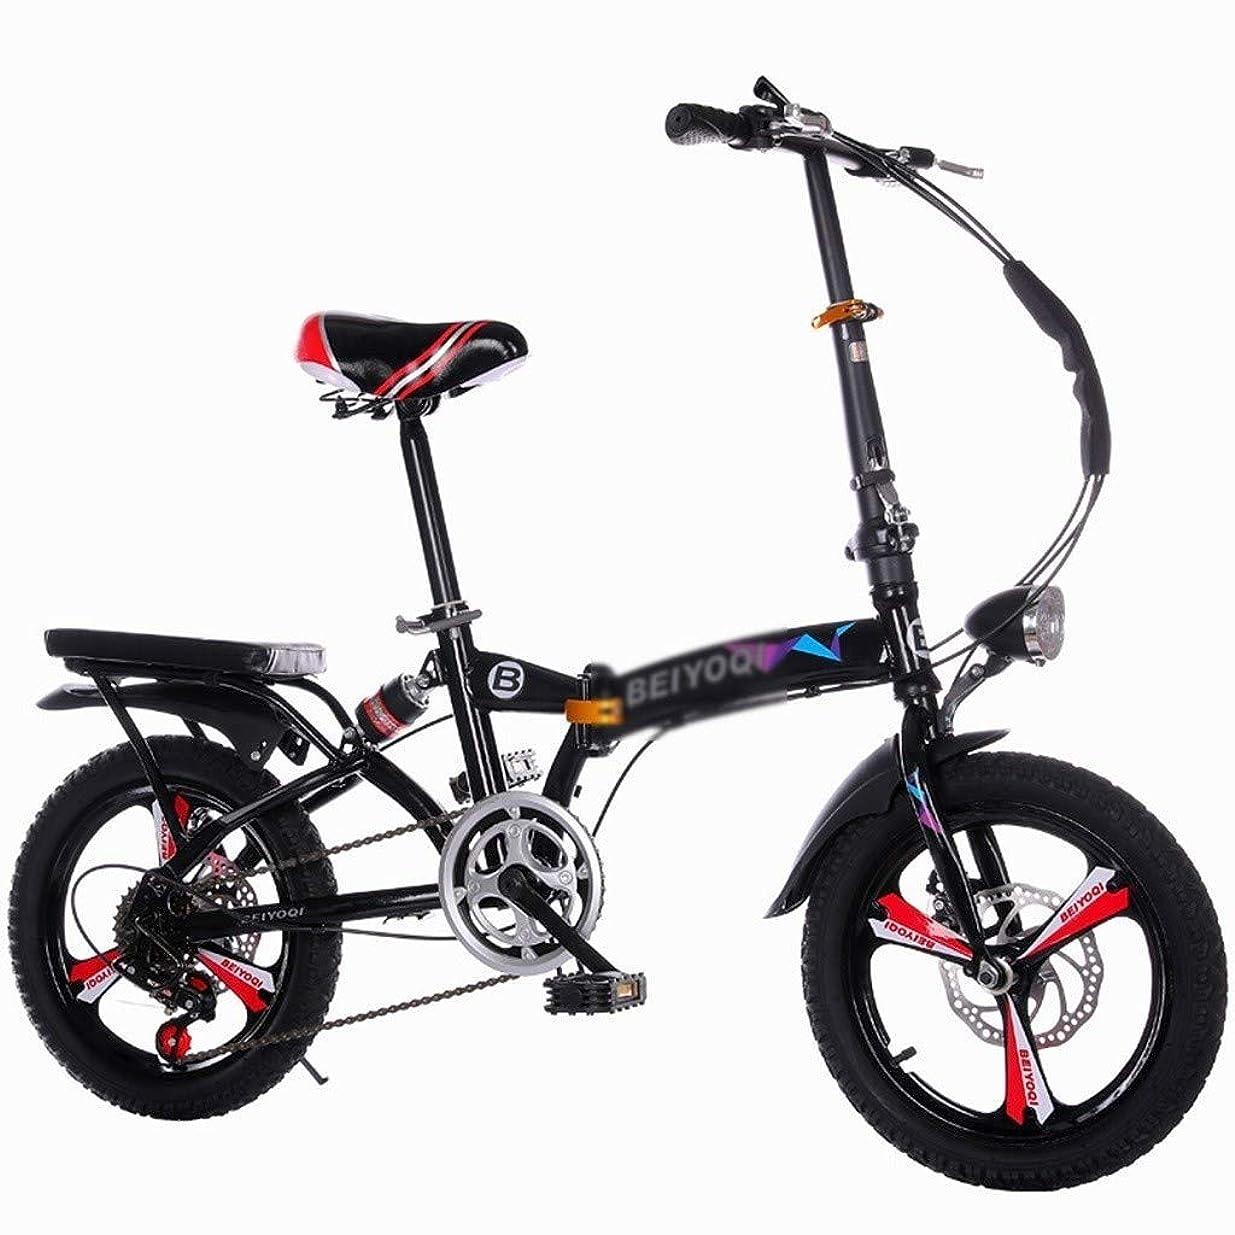 花嫁要求最初自転車 折りたたみ自転車超軽量ポータブル学生自転車子供用ショックアブソーバーシフト自転車男性と女性の大人の小さな自転車 (Color : Black, Size : 16inches)